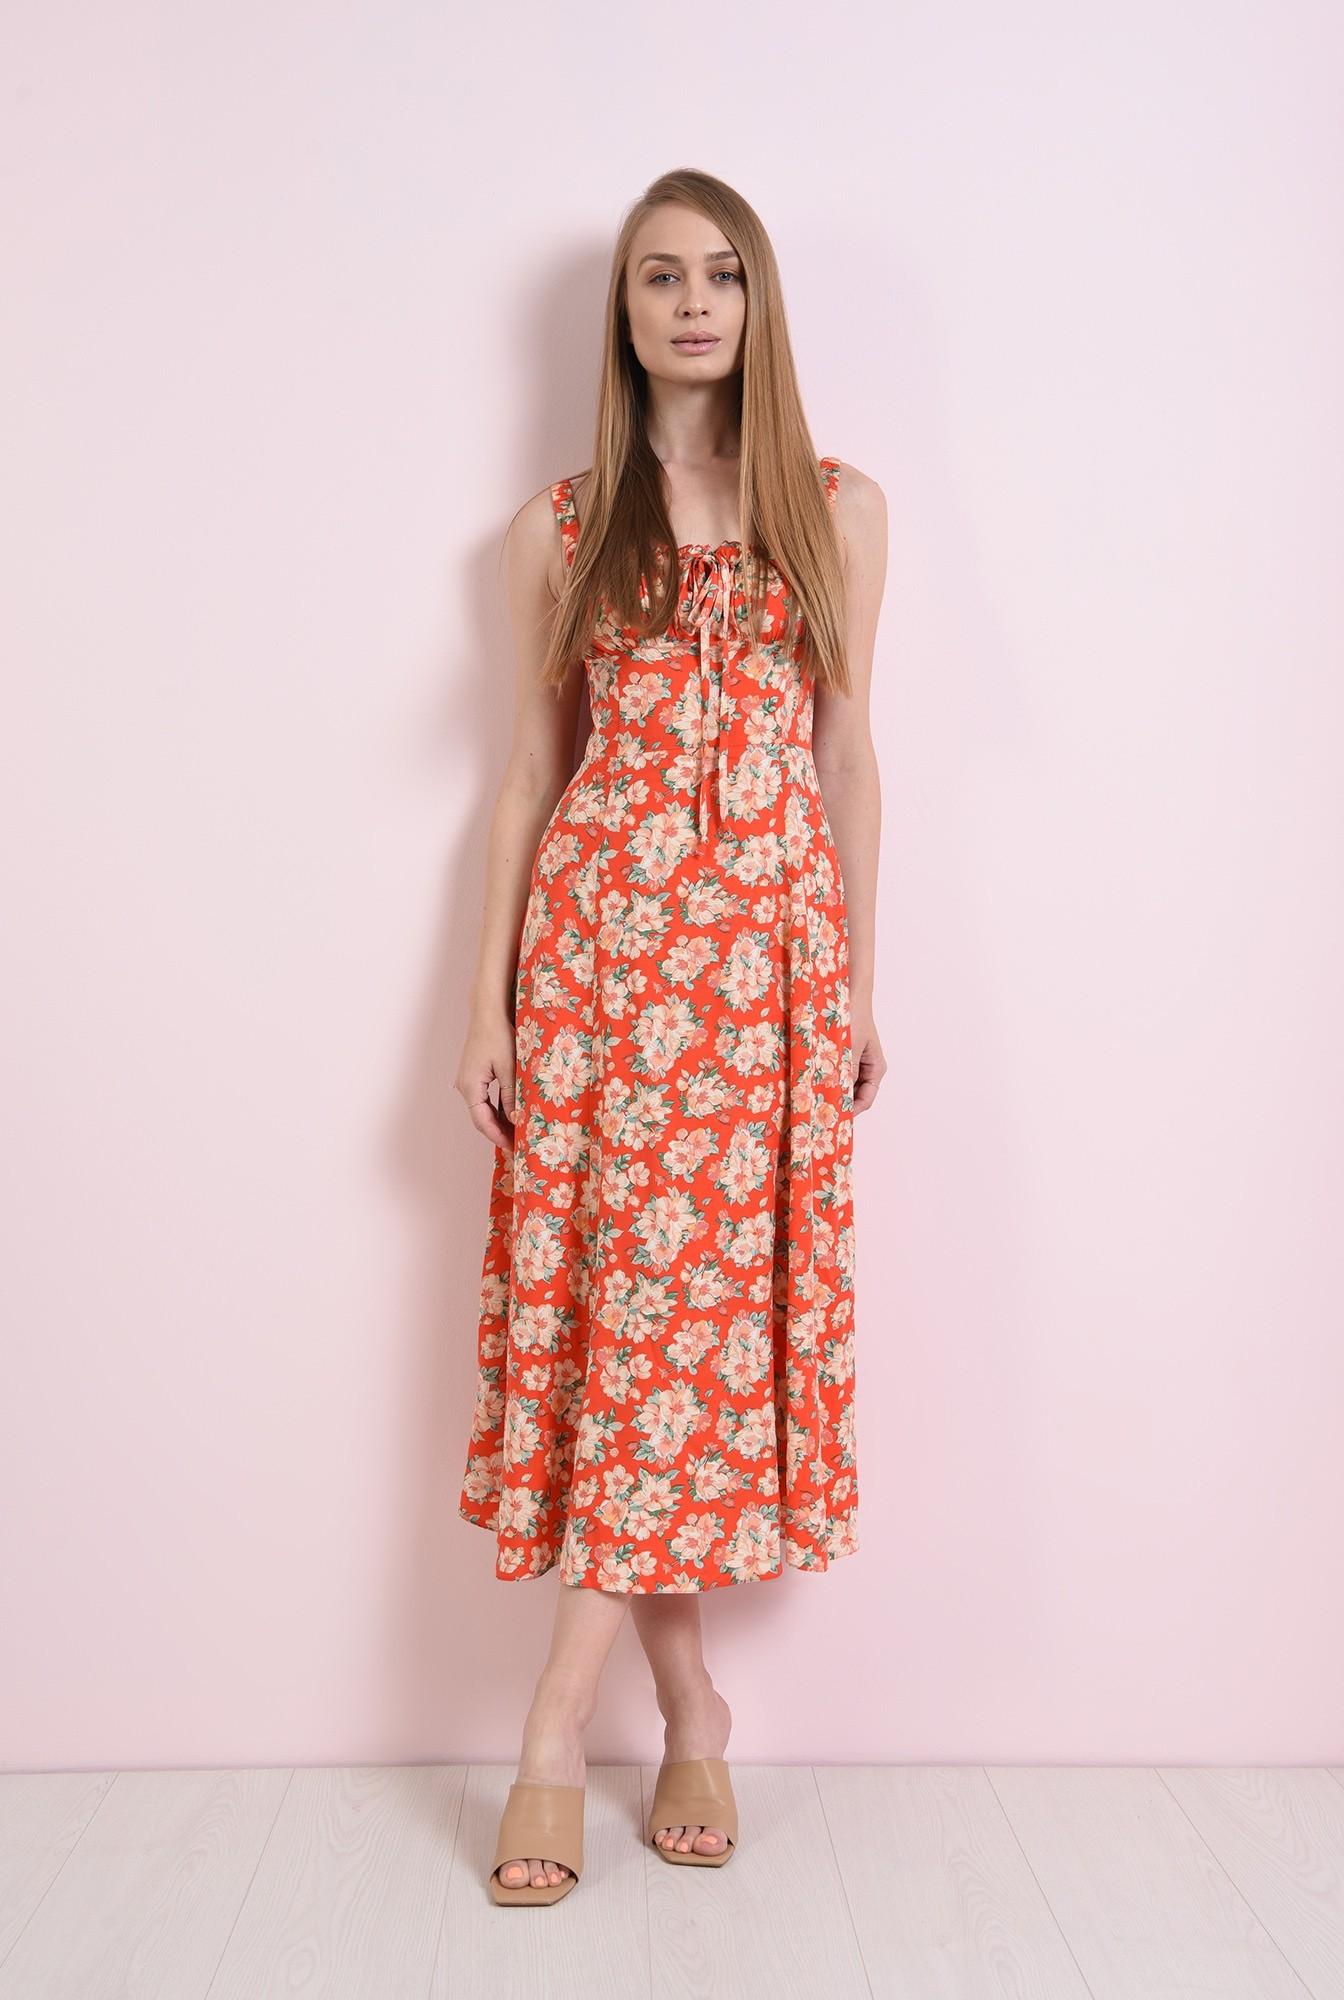 0 - rochie casual, de vara, cu flori, cu bretele